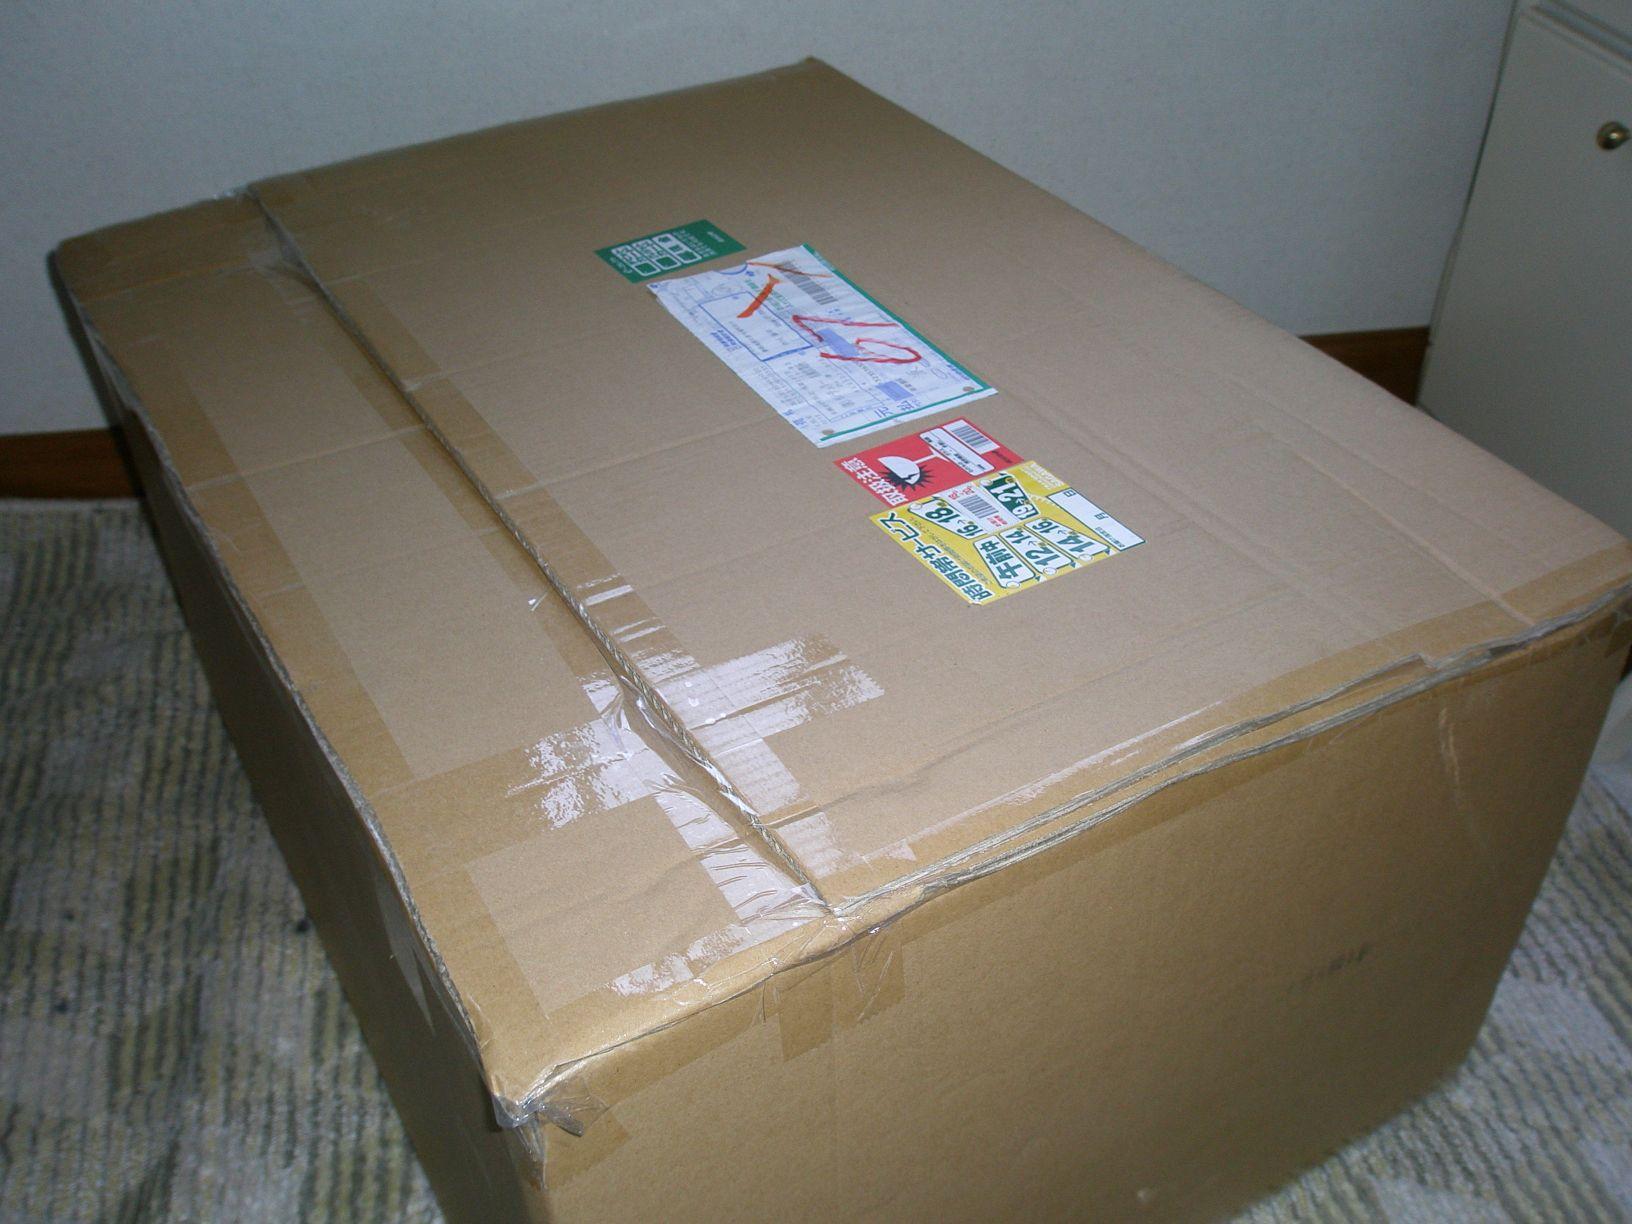 http://www.kitcat.jp/blog/2009/07/14/P7140021.JPG